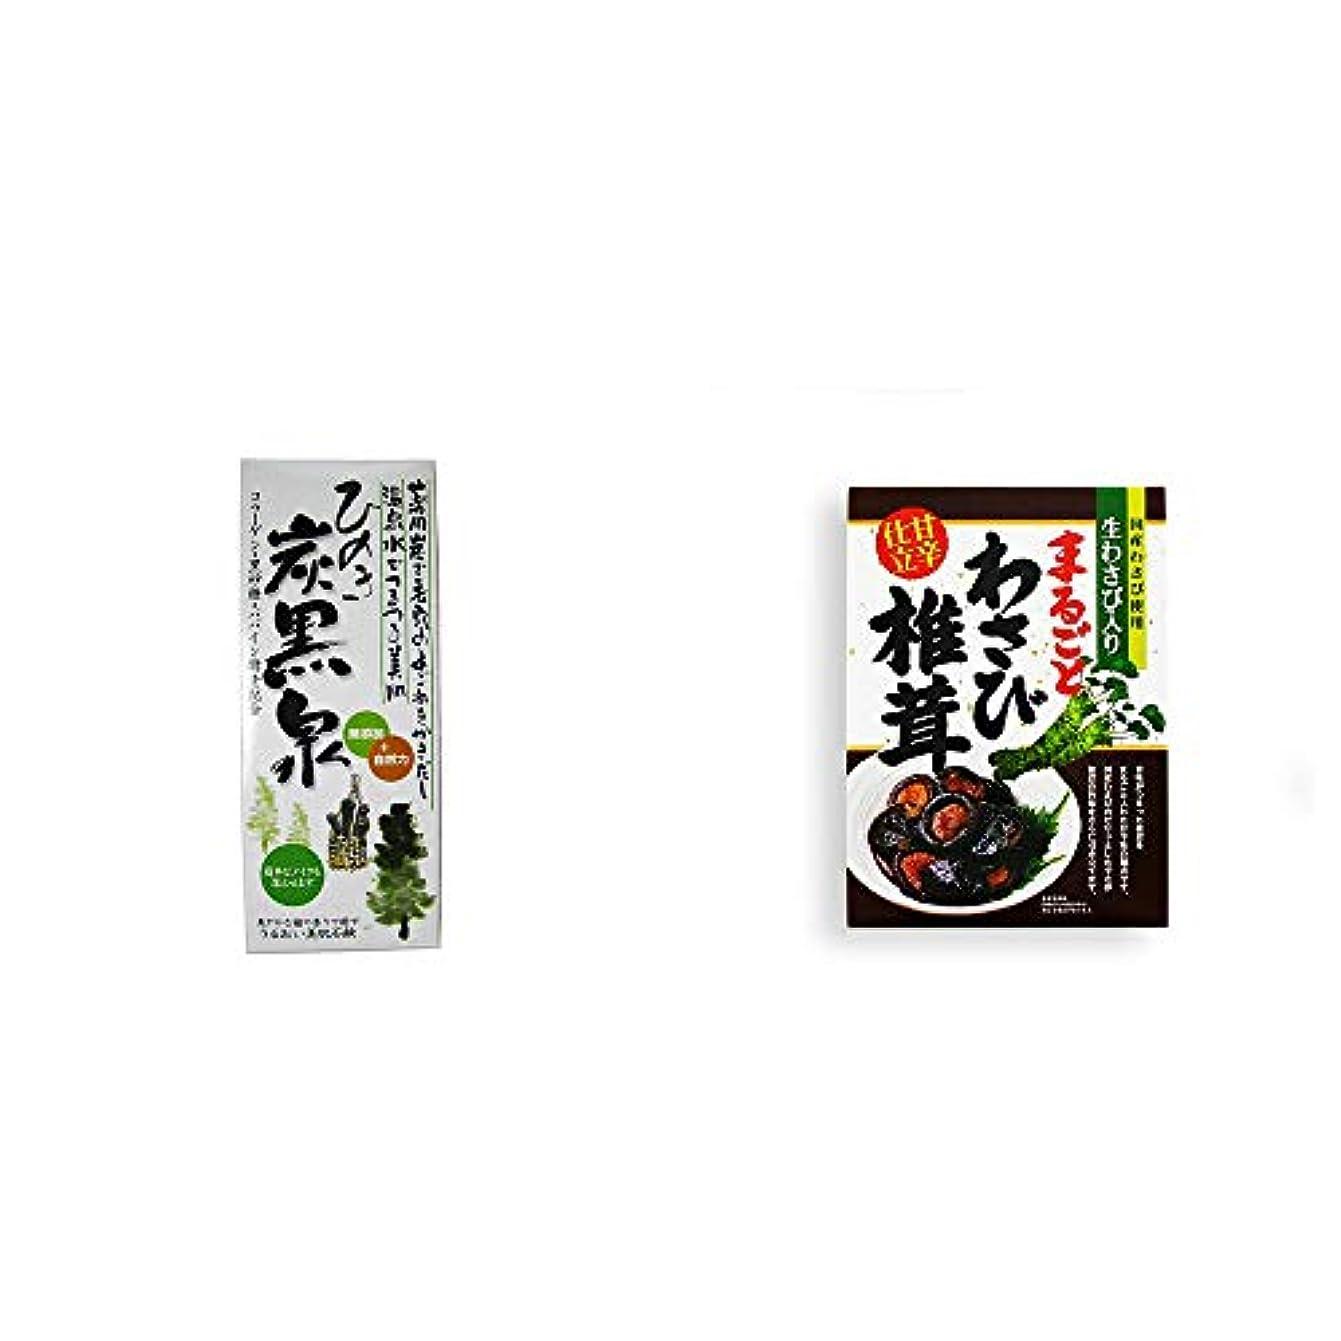 旋律的顎サンドイッチ[2点セット] ひのき炭黒泉 箱入り(75g×3)?まるごとわさび椎茸(200g)